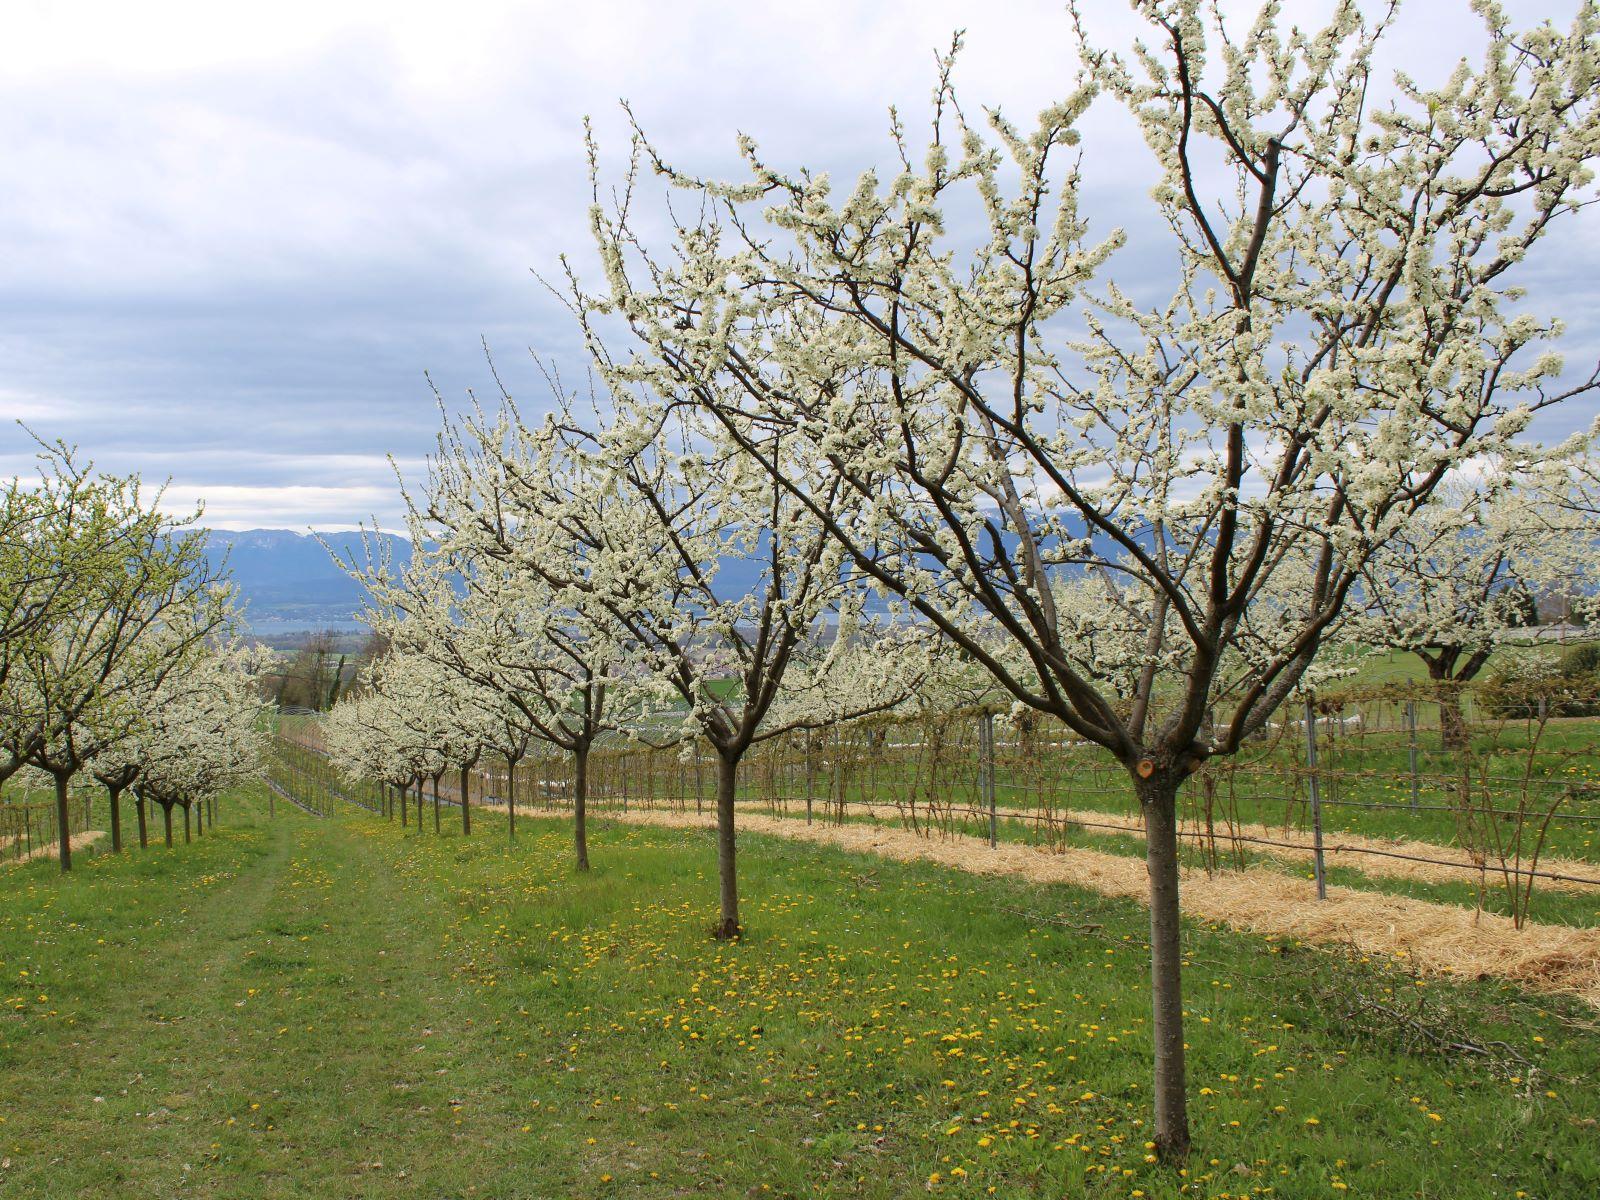 Avril - Les fleurs de Mirabelliers sont très nombreuses !